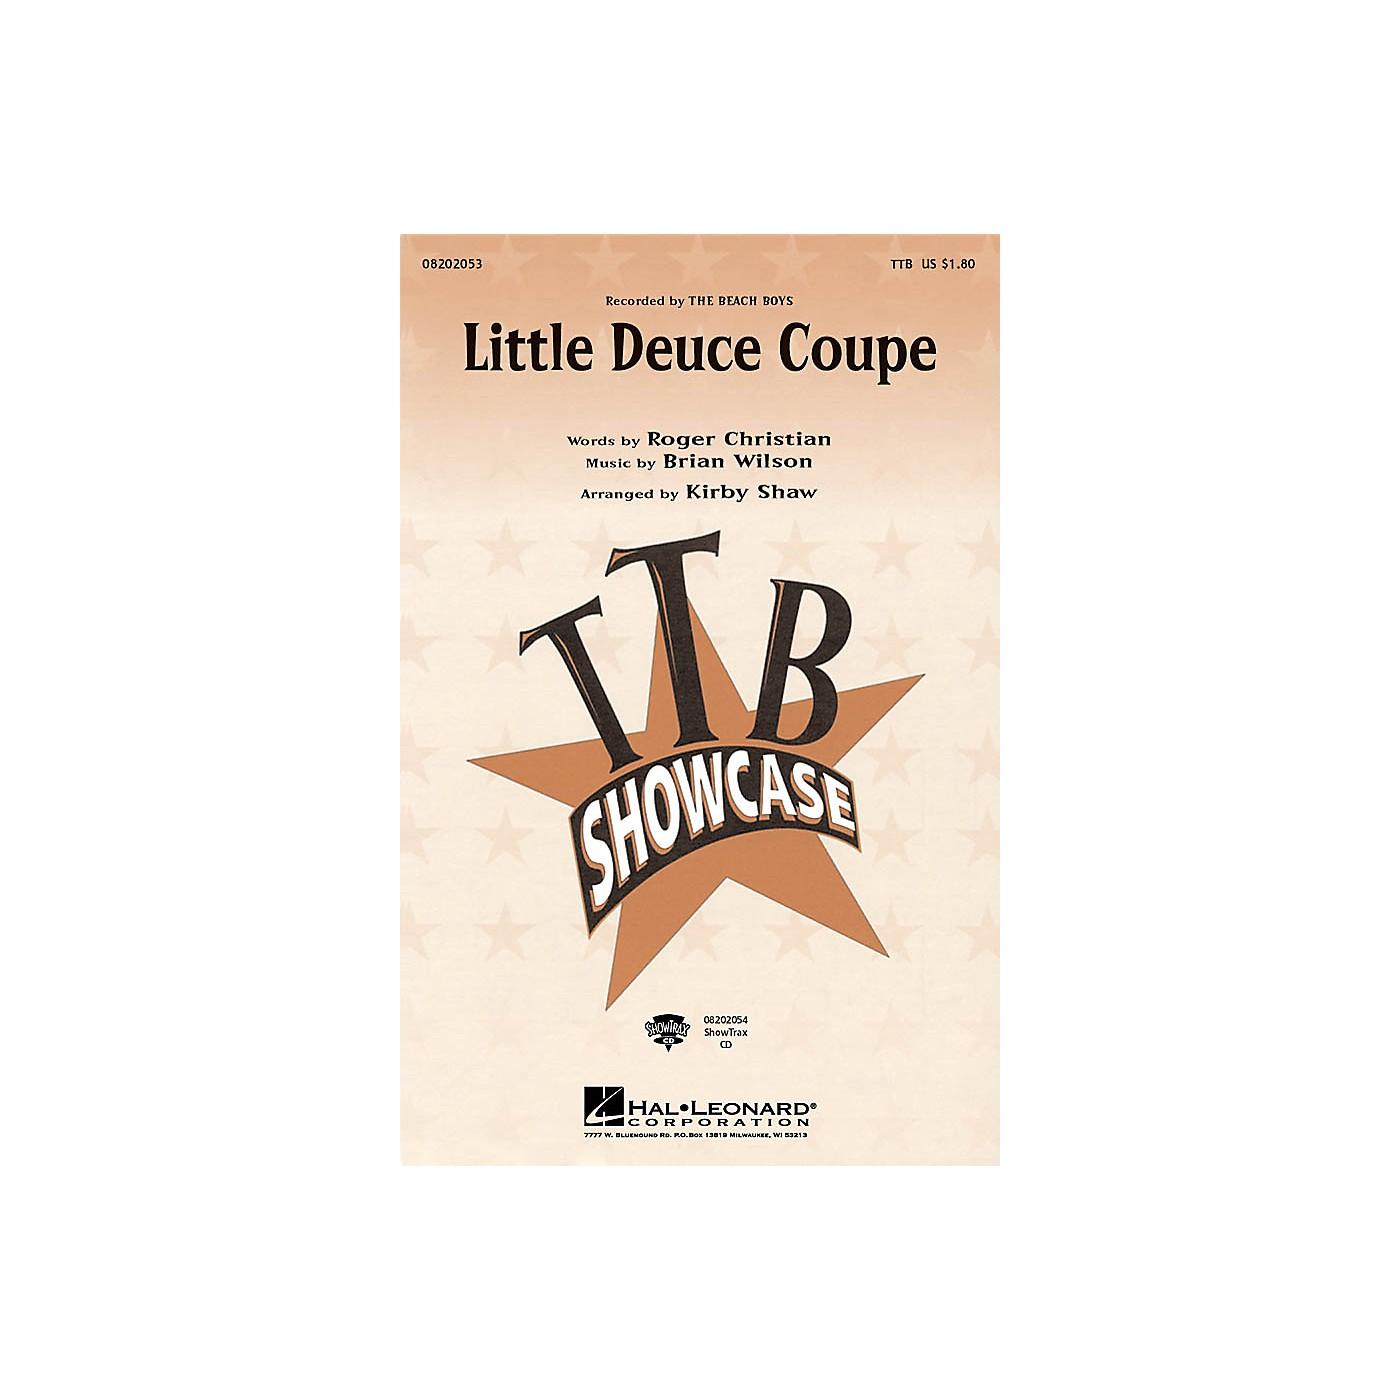 Hal Leonard Little Deuce Coupe TTB by The Beach Boys arranged by Kirby Shaw thumbnail